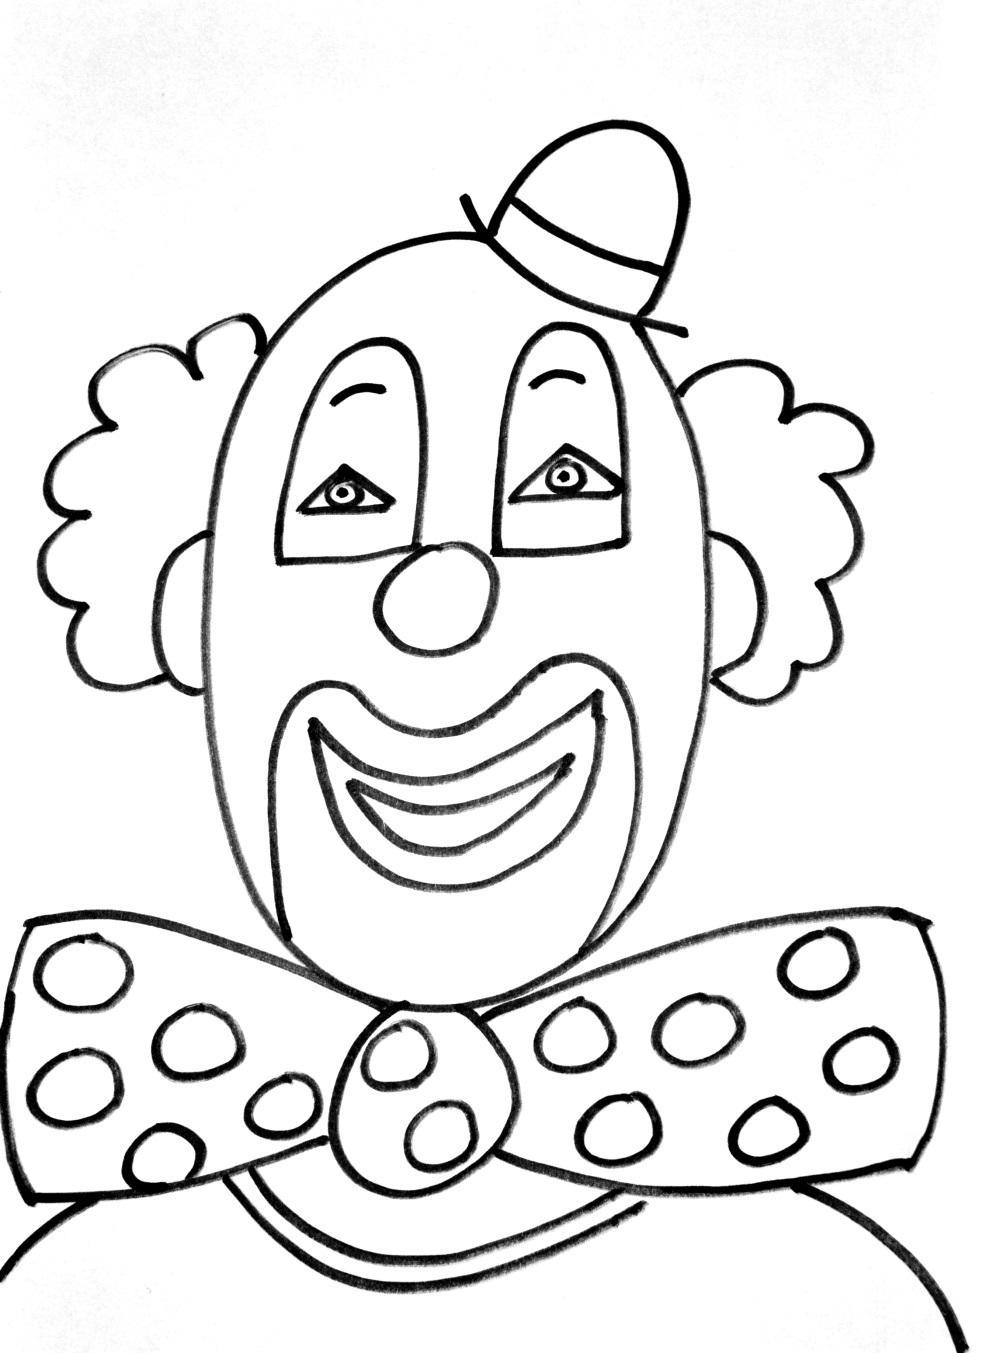 Clown #209 (Personnages) – Coloriages À Imprimer concernant Coloriage Clown A Imprimer